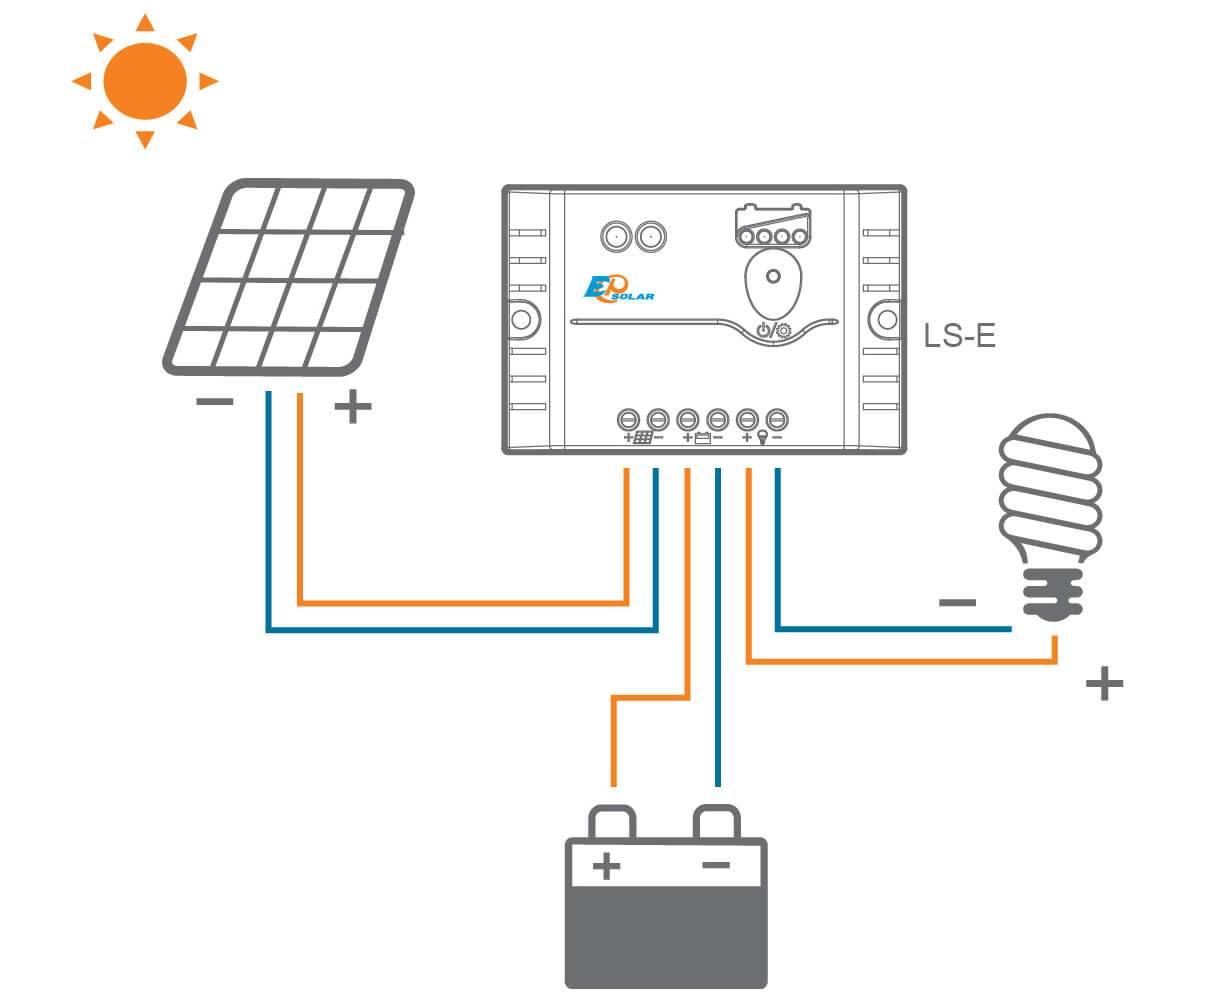 Контроллер заряда солнечной батареи - схема, виды и принцип работы